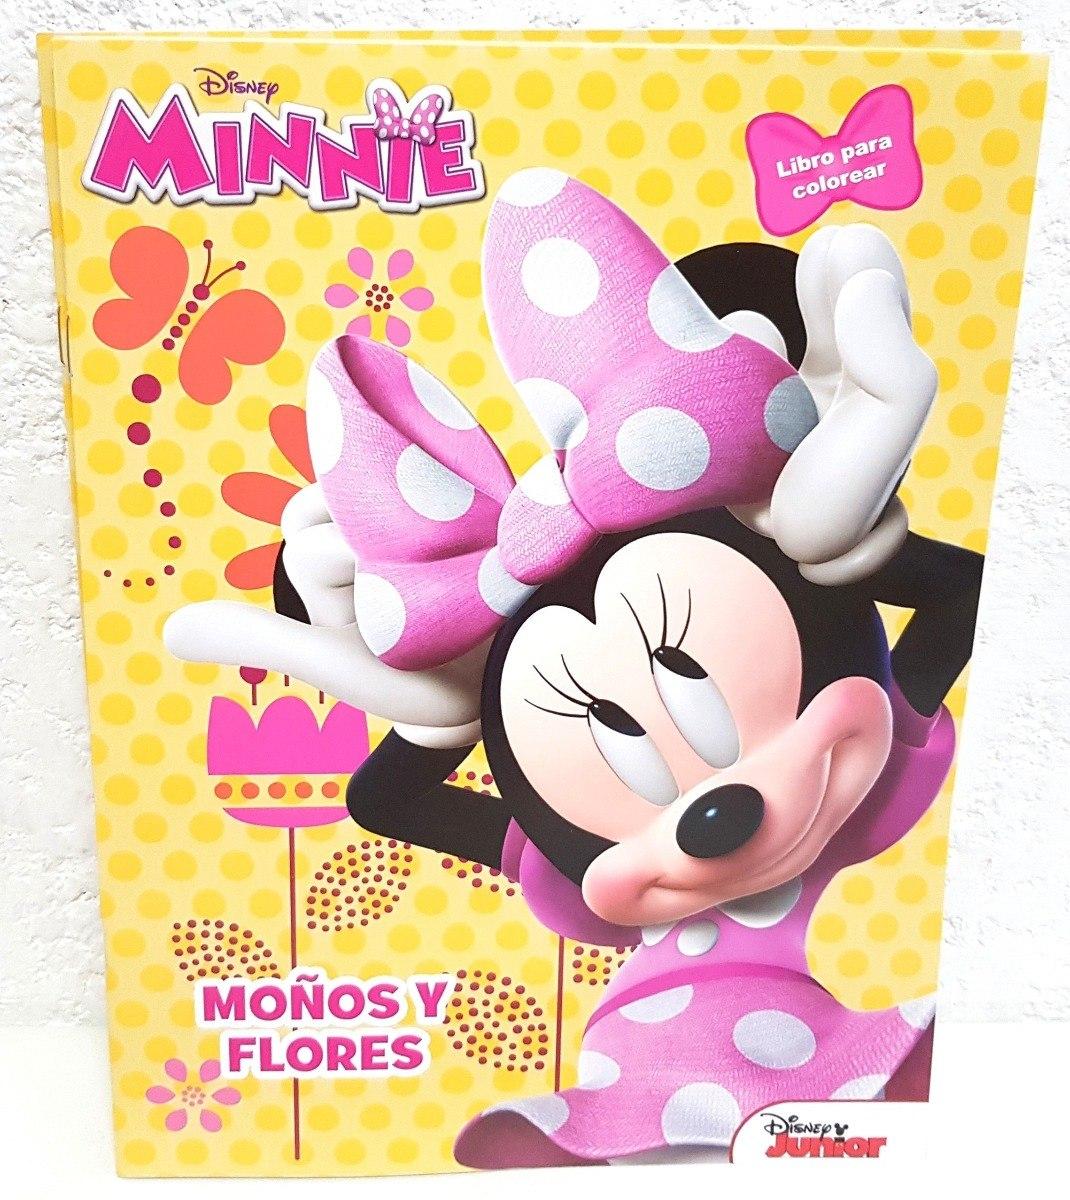 minnie mouse fiestas libros colorear 10 pz recuerdos 16 pagi. Cargando zoom. 4a872ba5ea3